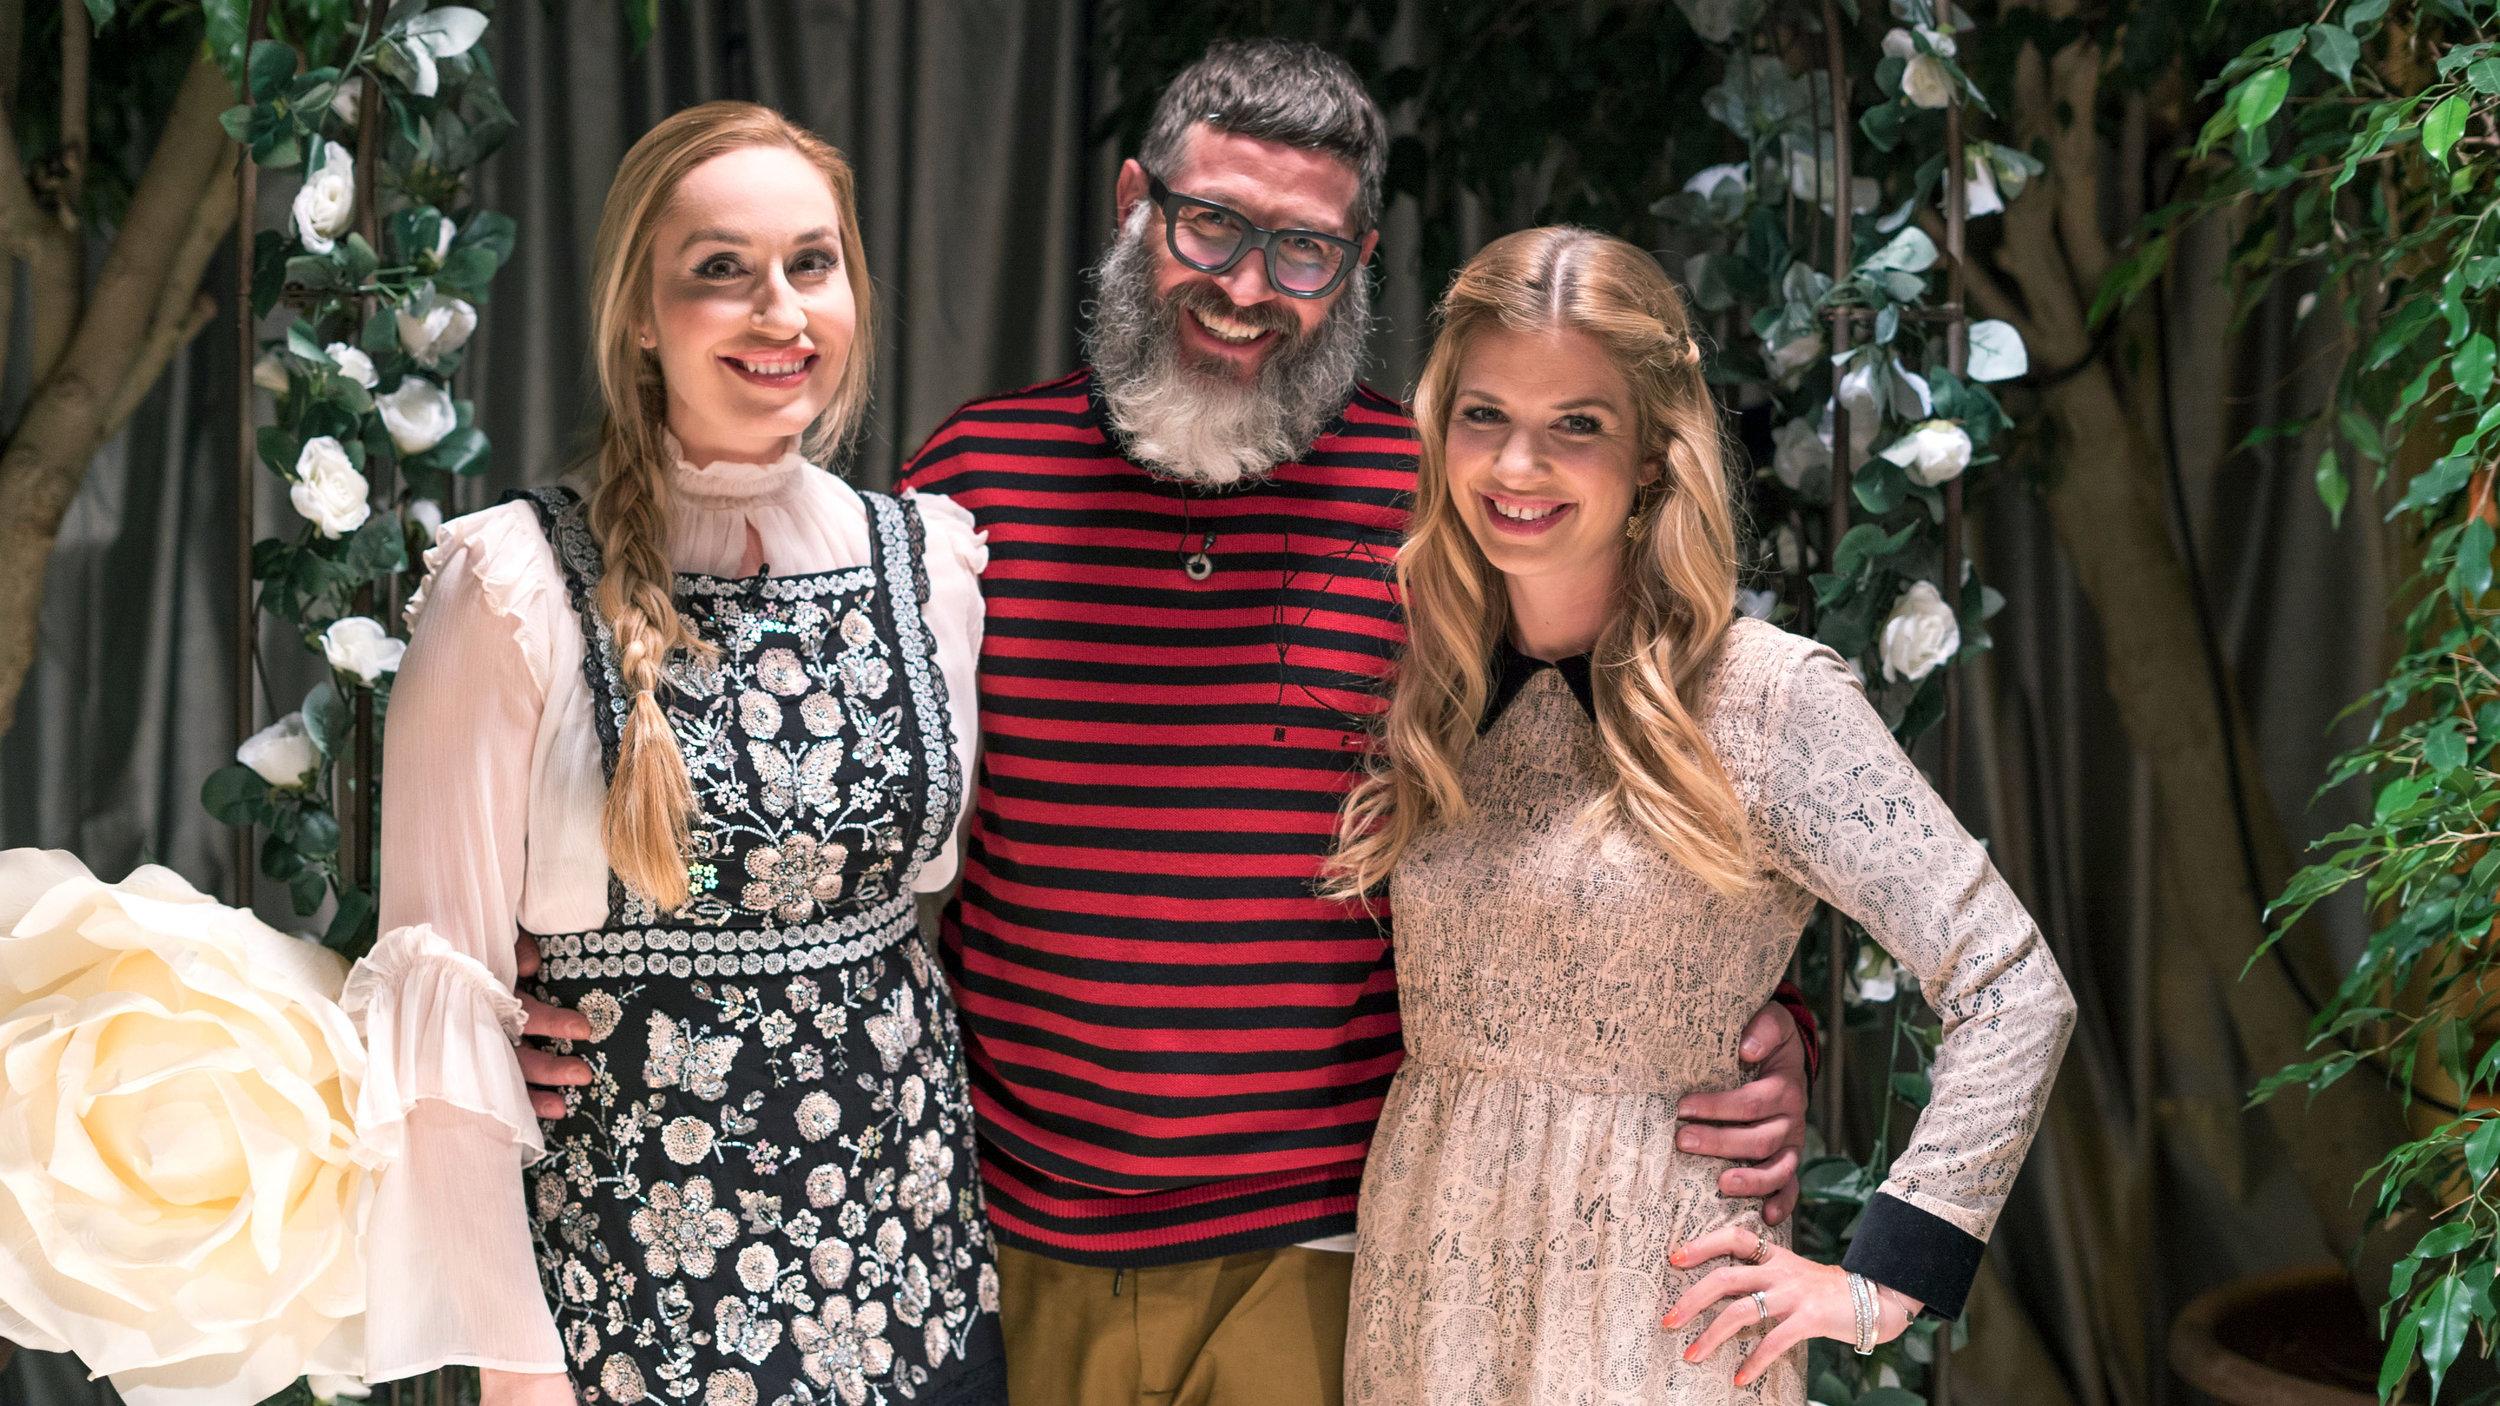 """Prinzessin Elna-Margret, Guido Heinz Frinken und Susan Sideropoulos stellen die Brautpaare vor eine große Herausforderung. In der TV-Show """"Traut euch! In 12 Stunden zum Altar"""" müssen Heiratswillige ihre Hochzeit in einem halben Tag organisieren.    Foto: © RTL II"""